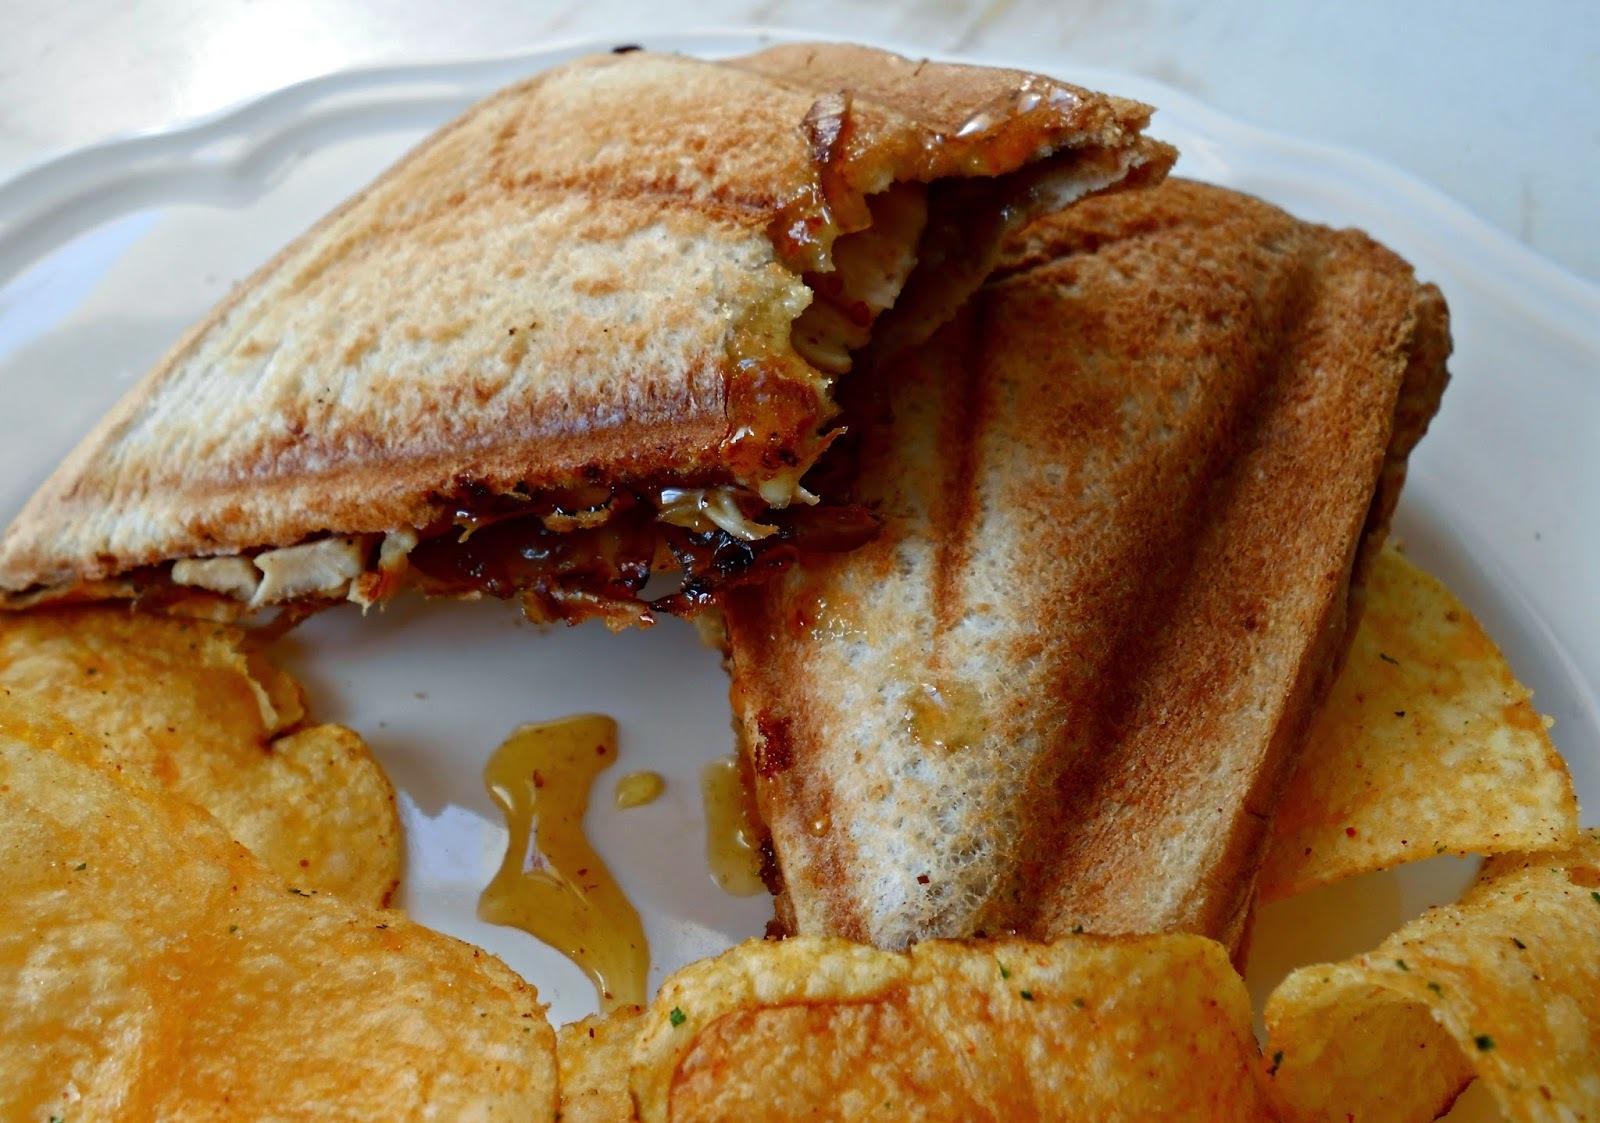 Sandwich de pollo y cebolla caramelizada